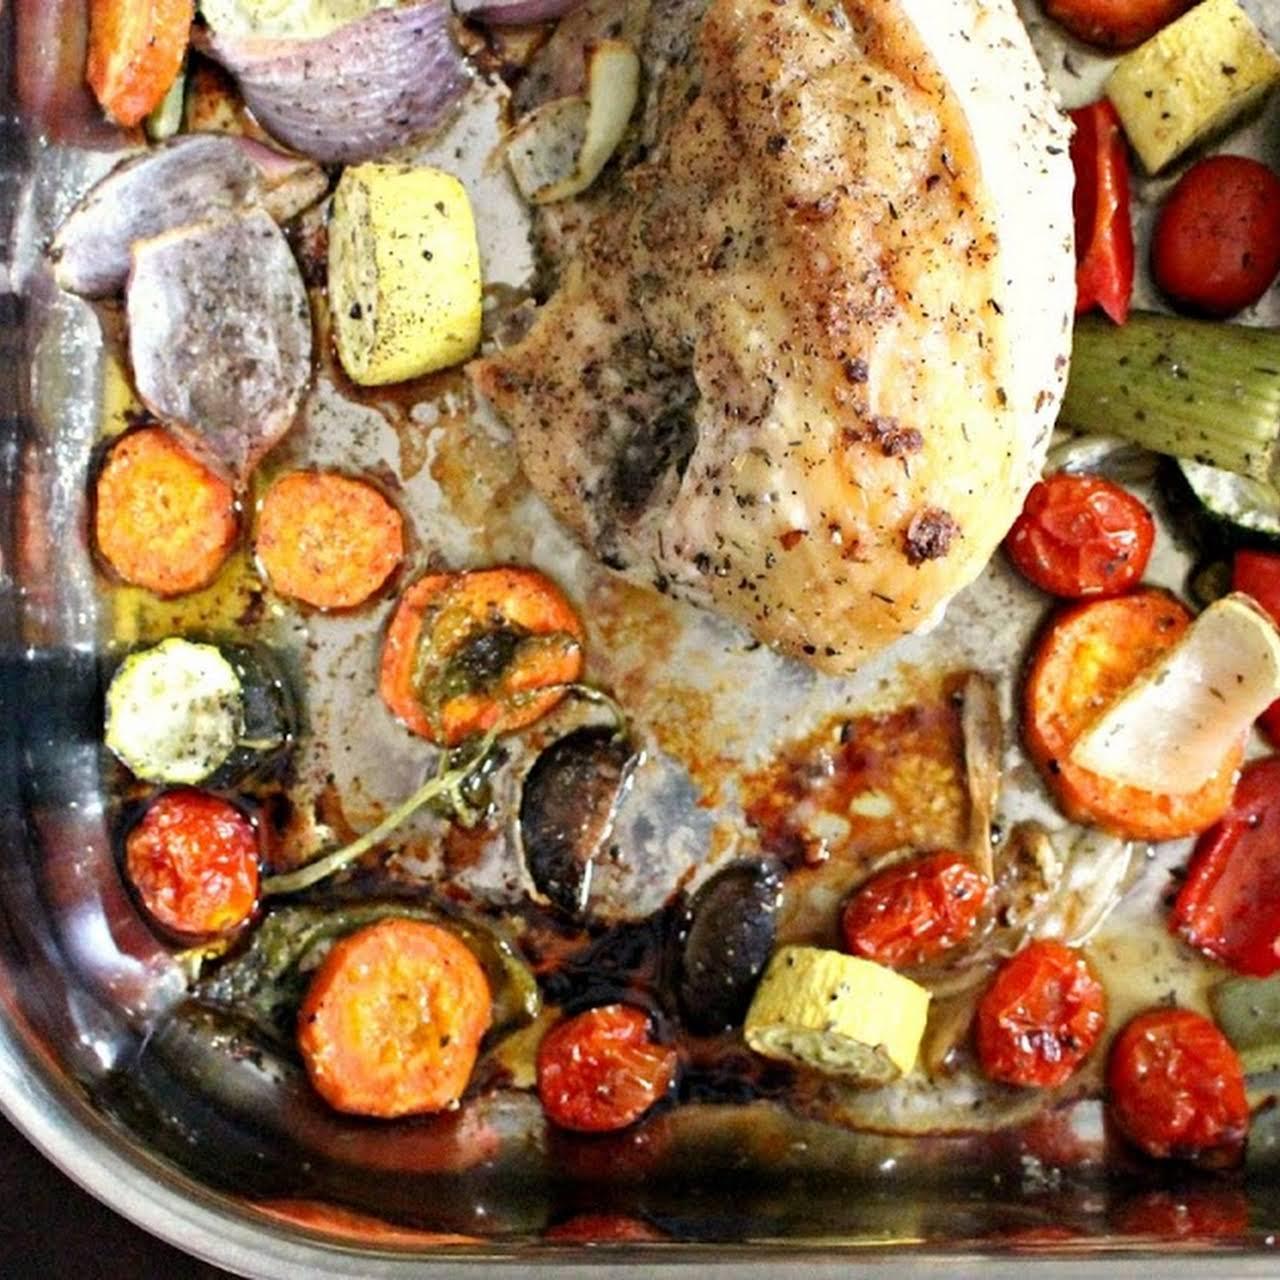 Garlic Herb Roast Chicken with Vegetables